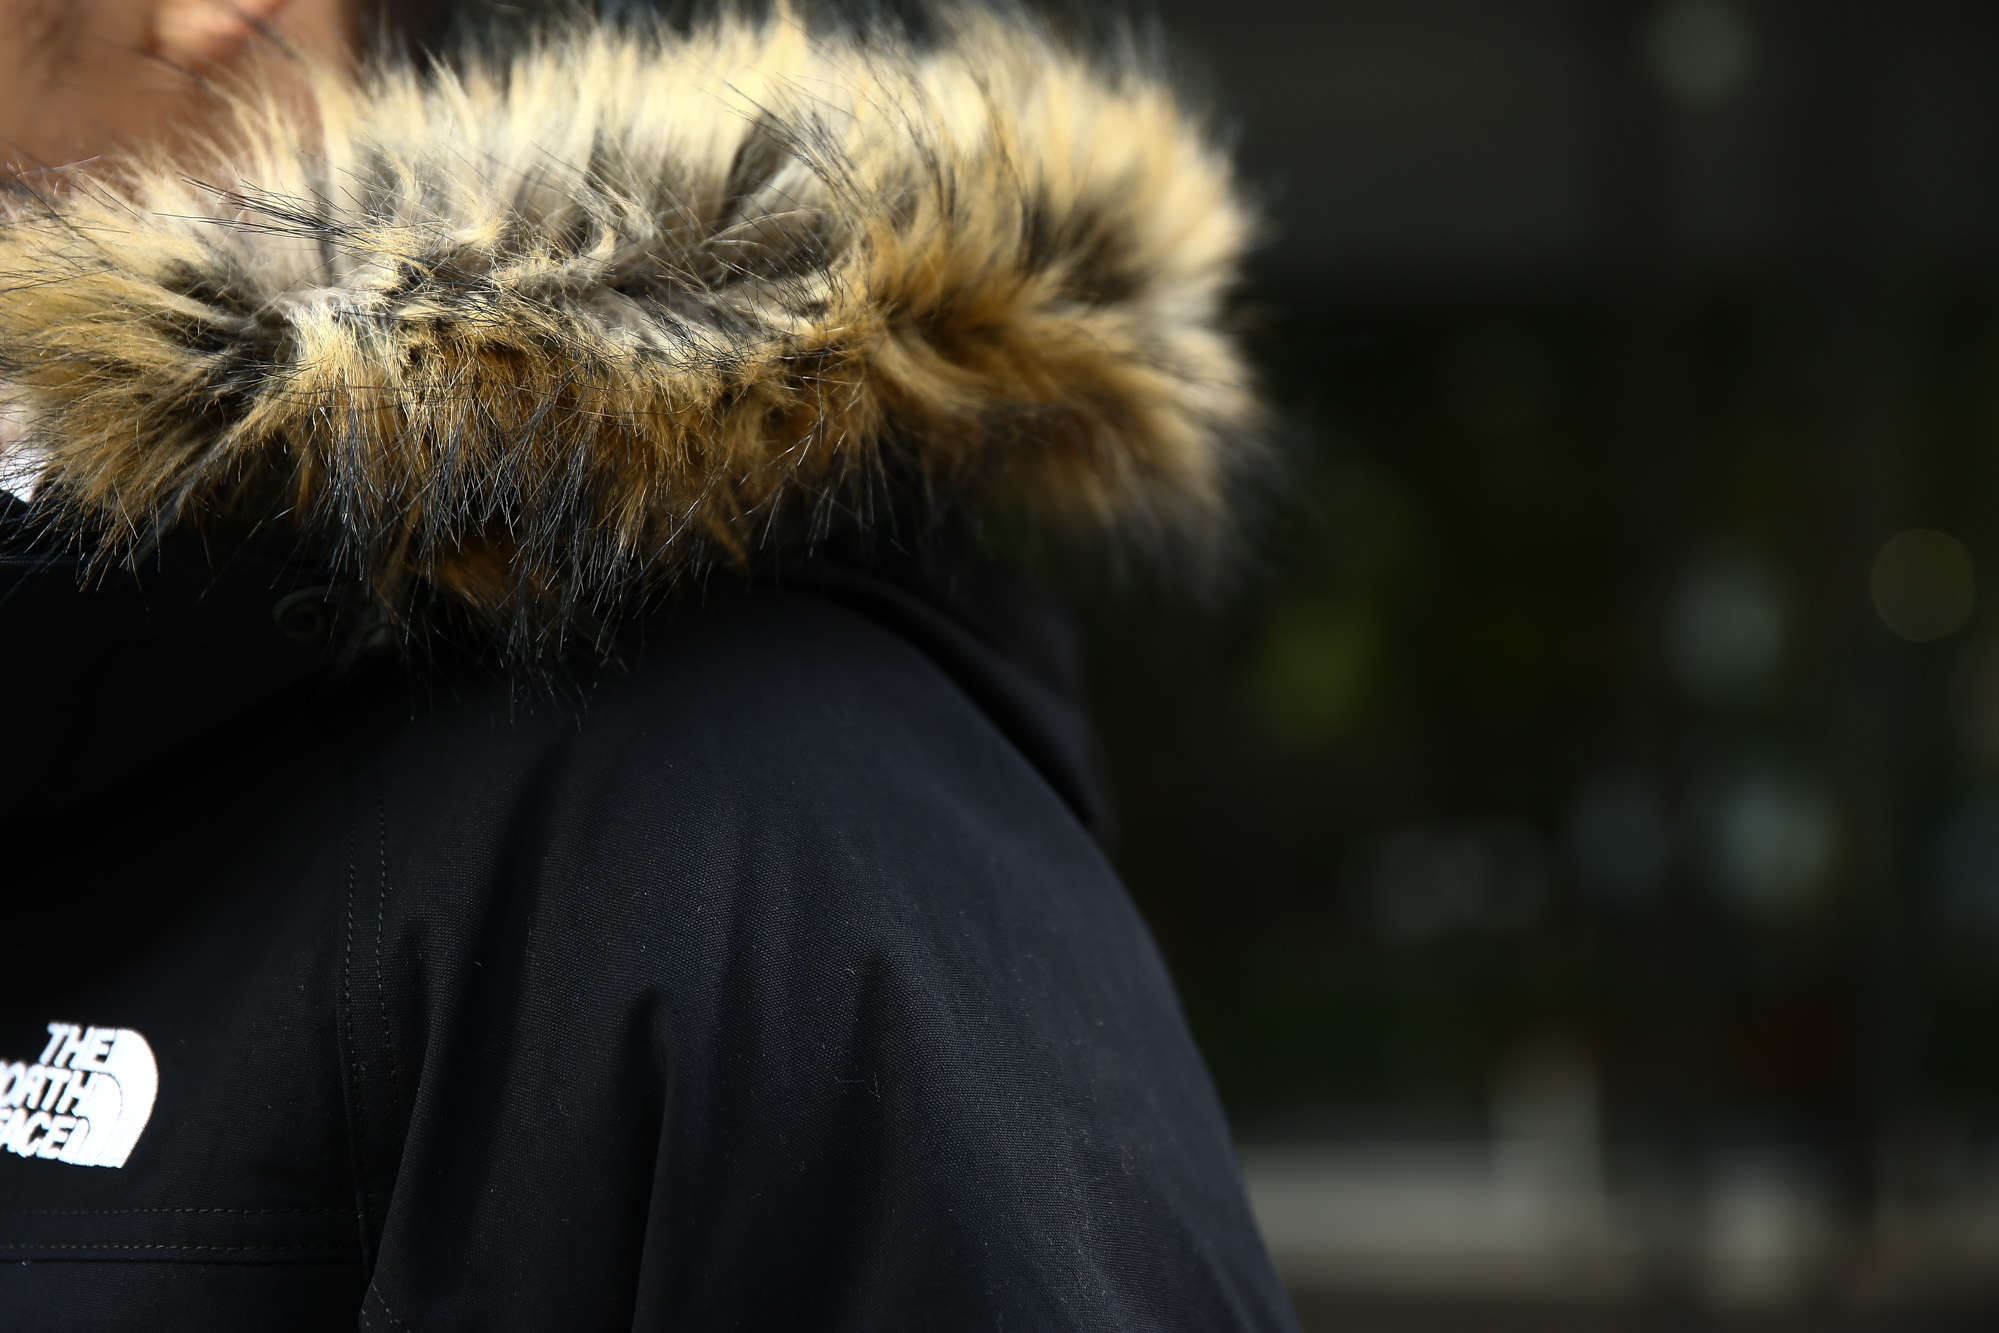 THE NORTH FACE (ザ・ノースフェイス) McMurdo Parka マクマードパーカー CEBONNER OX 600フィルダウン ファーフーディー ダウンジャケット BLACK (ブラック・K) 2016 秋冬新作 のコーディネート画像。愛知 名古屋 ZODIAC ゾディアック ノースフェイス マクマードパーカー ダウン 登山 アウトドア 南極